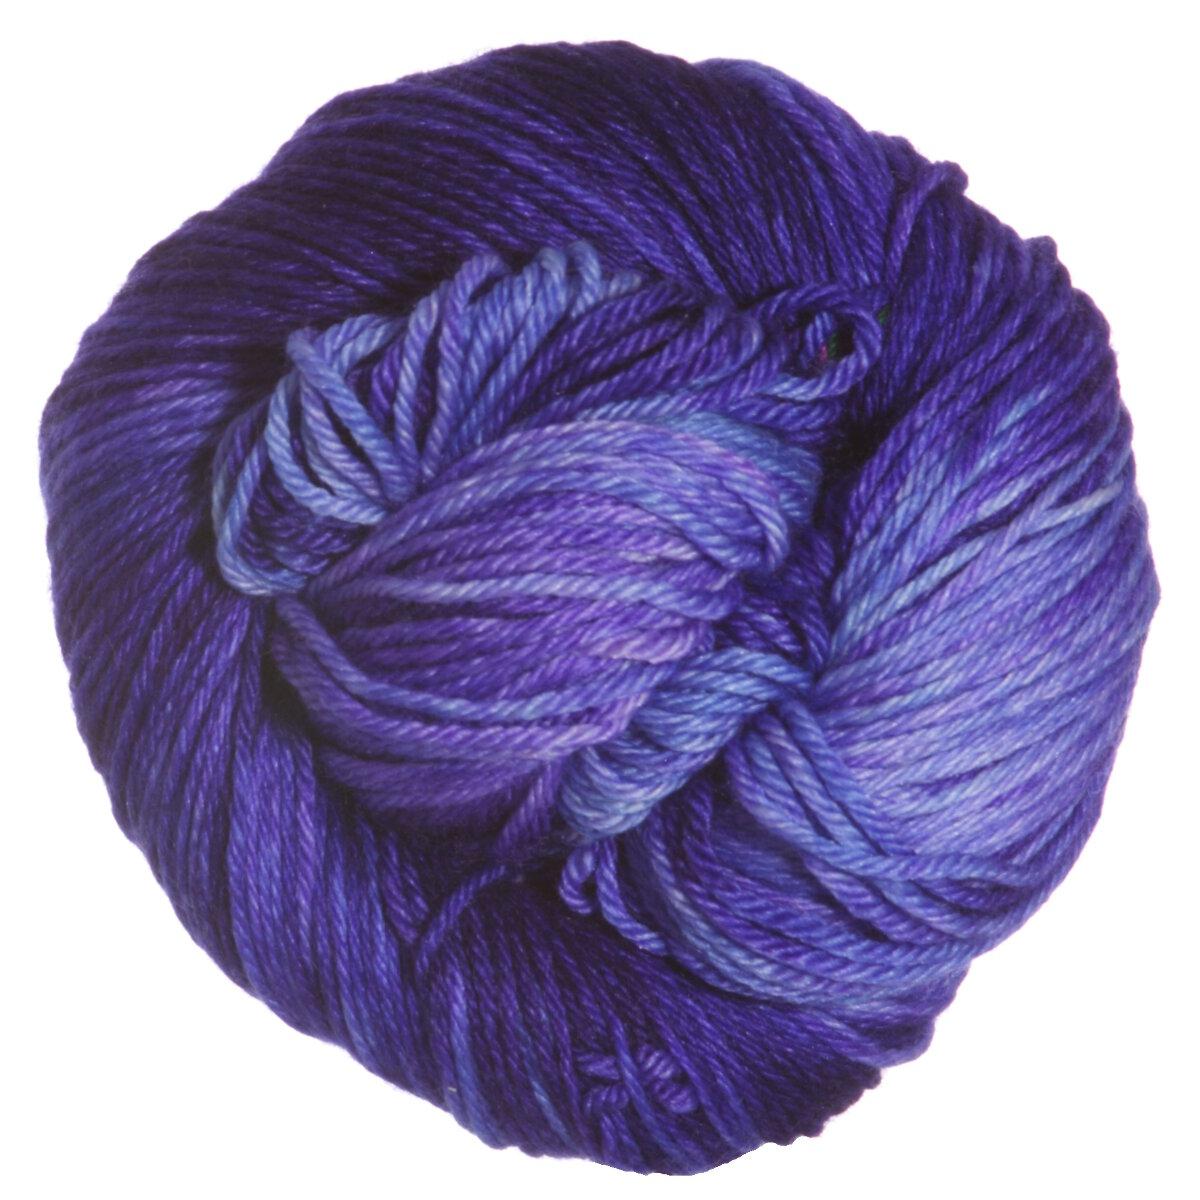 Worsted Yarn : ... Pashmina Worsted Yarn - Vishnu Reviews at Jimmy Beans Wool